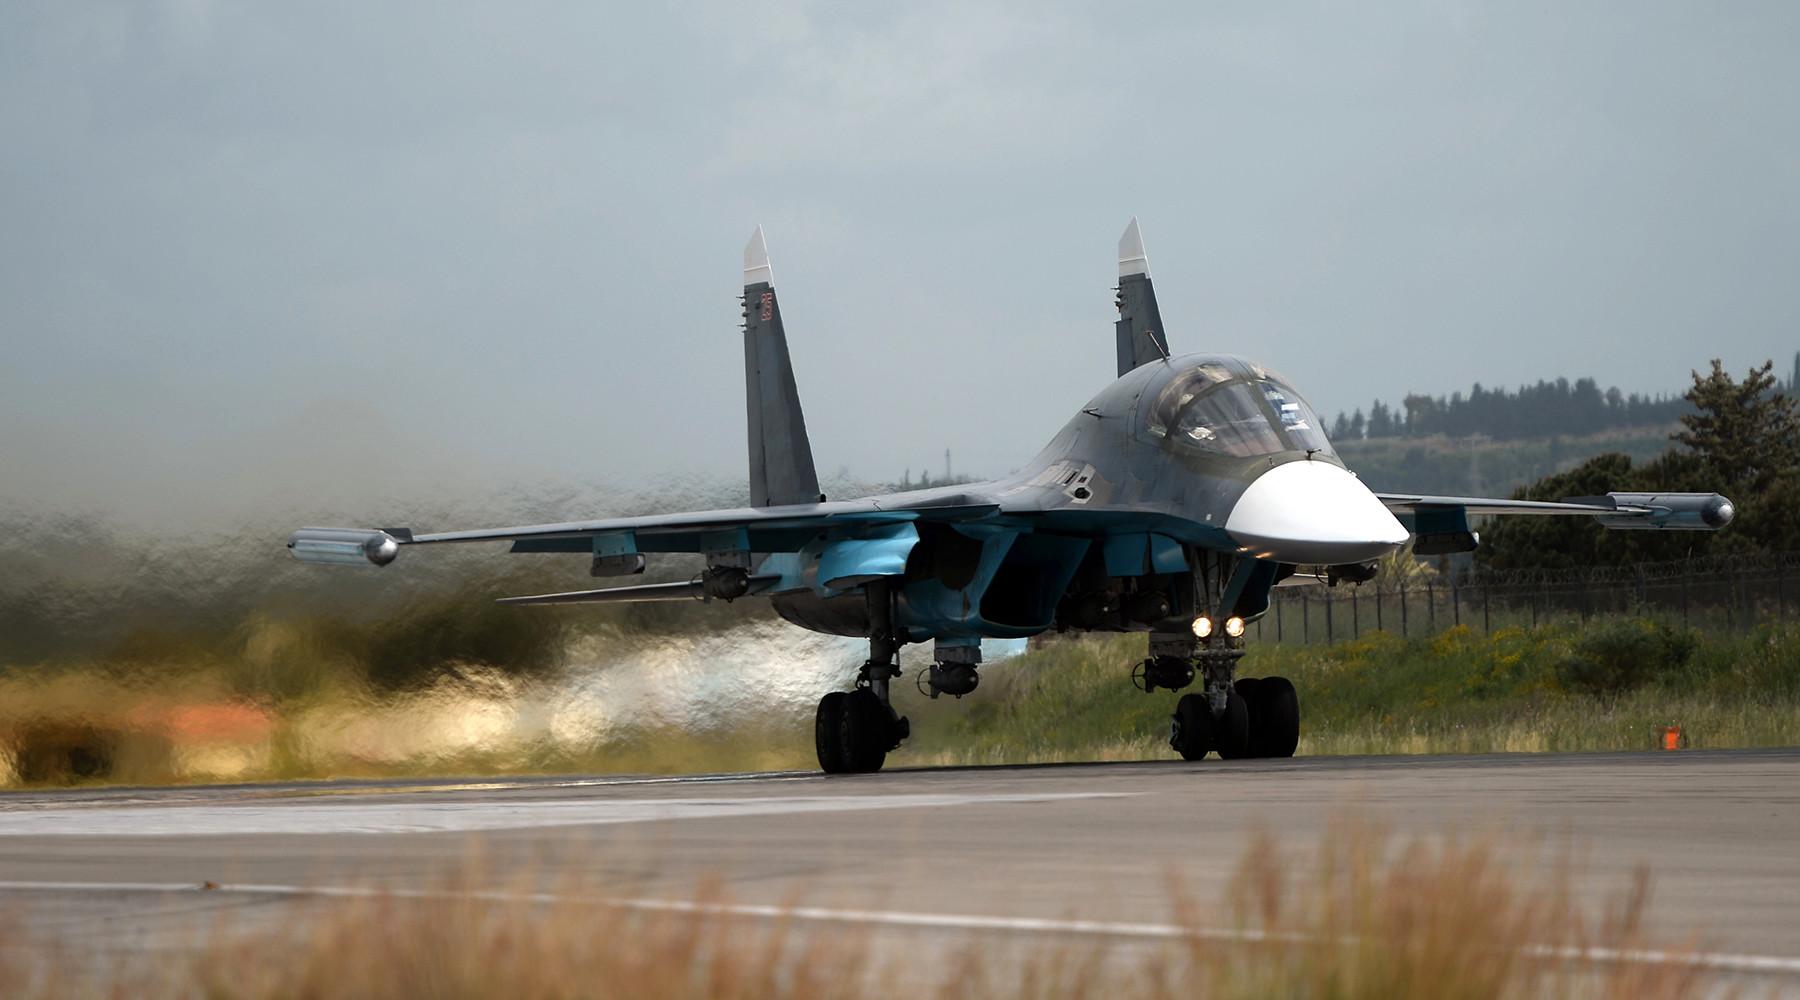 «Подконтрольной боевикам территории больше нет»: Генштаб ВС России заявил о полном освобождении Сирии от ИГ